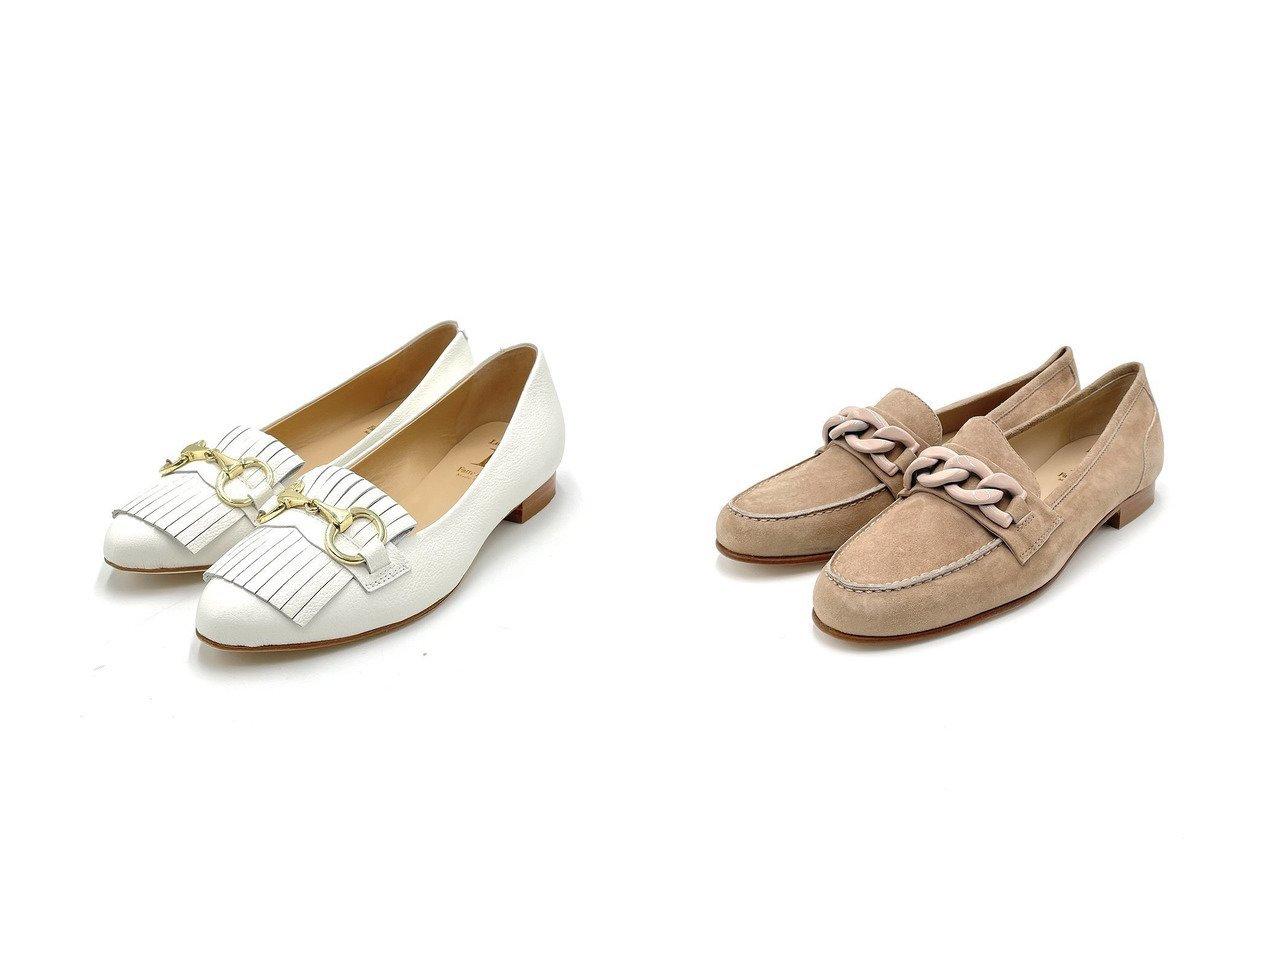 【LucaGrossi/ルカグロッシ】のチェーンビットローファー&ビットオンキルトパンプス 【シューズ・靴】おすすめ!人気、トレンド・レディースファッションの通販 おすすめで人気の流行・トレンド、ファッションの通販商品 インテリア・家具・メンズファッション・キッズファッション・レディースファッション・服の通販 founy(ファニー) https://founy.com/ ファッション Fashion レディースファッション WOMEN イタリア シューズ モチーフ 人気 チェーン フラット  ID:crp329100000043153